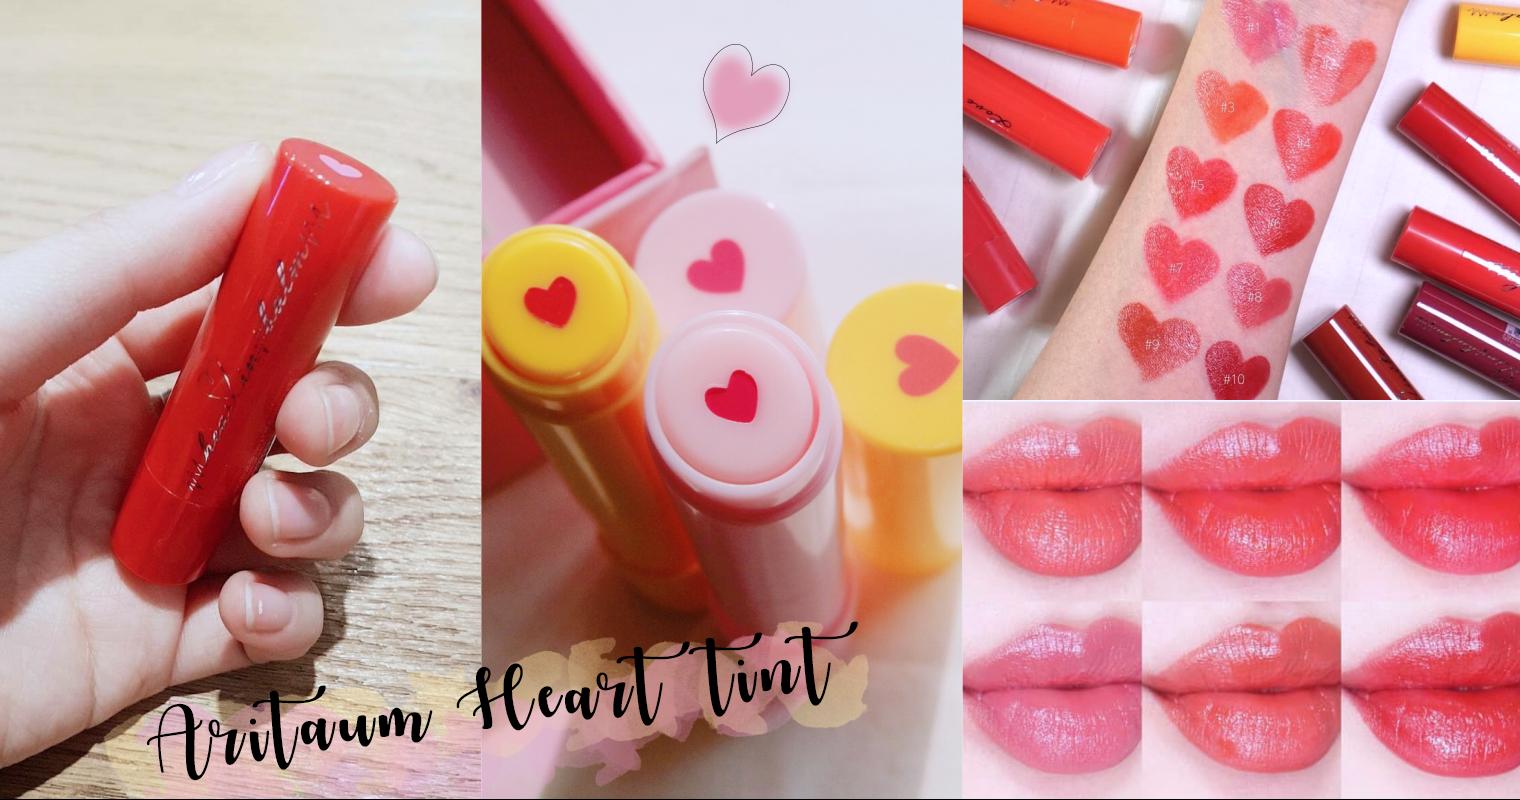 史上最騷包的雙色唇膏就是它!你還不懂正中紅心的感覺嗎?這次直接狙擊你的Heart~